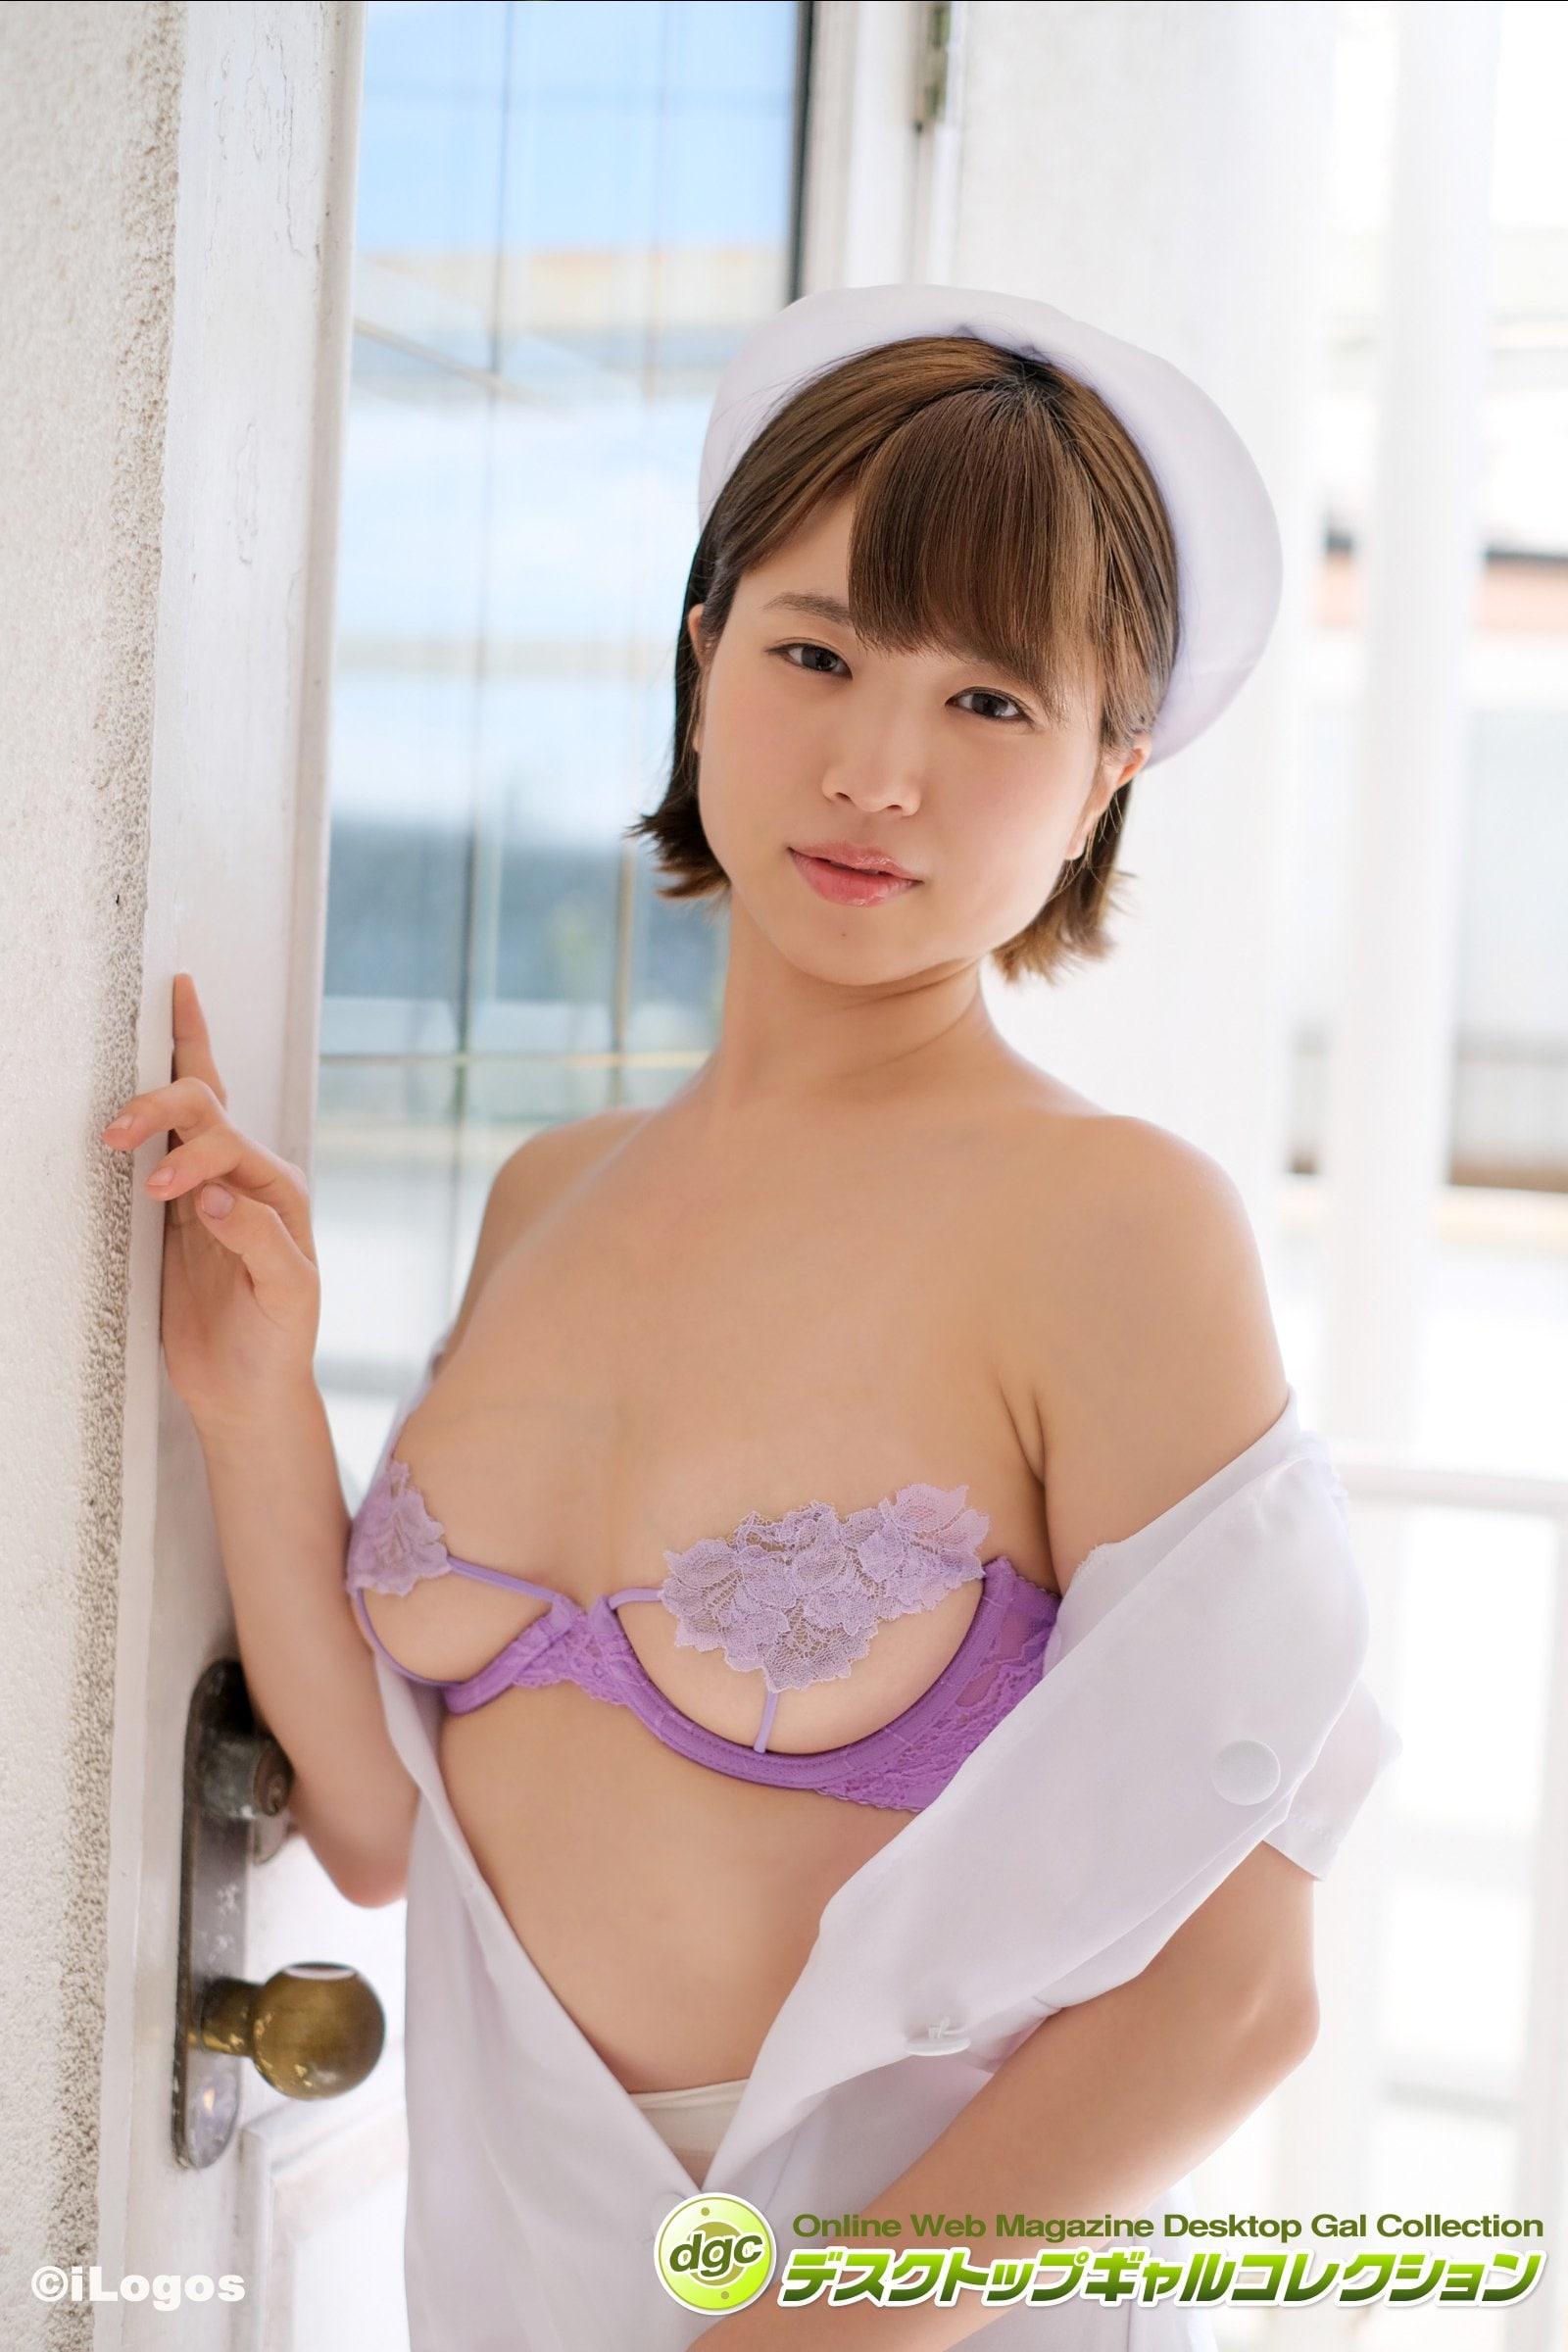 鈴原りこ「えっちな看護師さん」セクシー下着で誘惑しちゃう!【画像5枚】の画像001